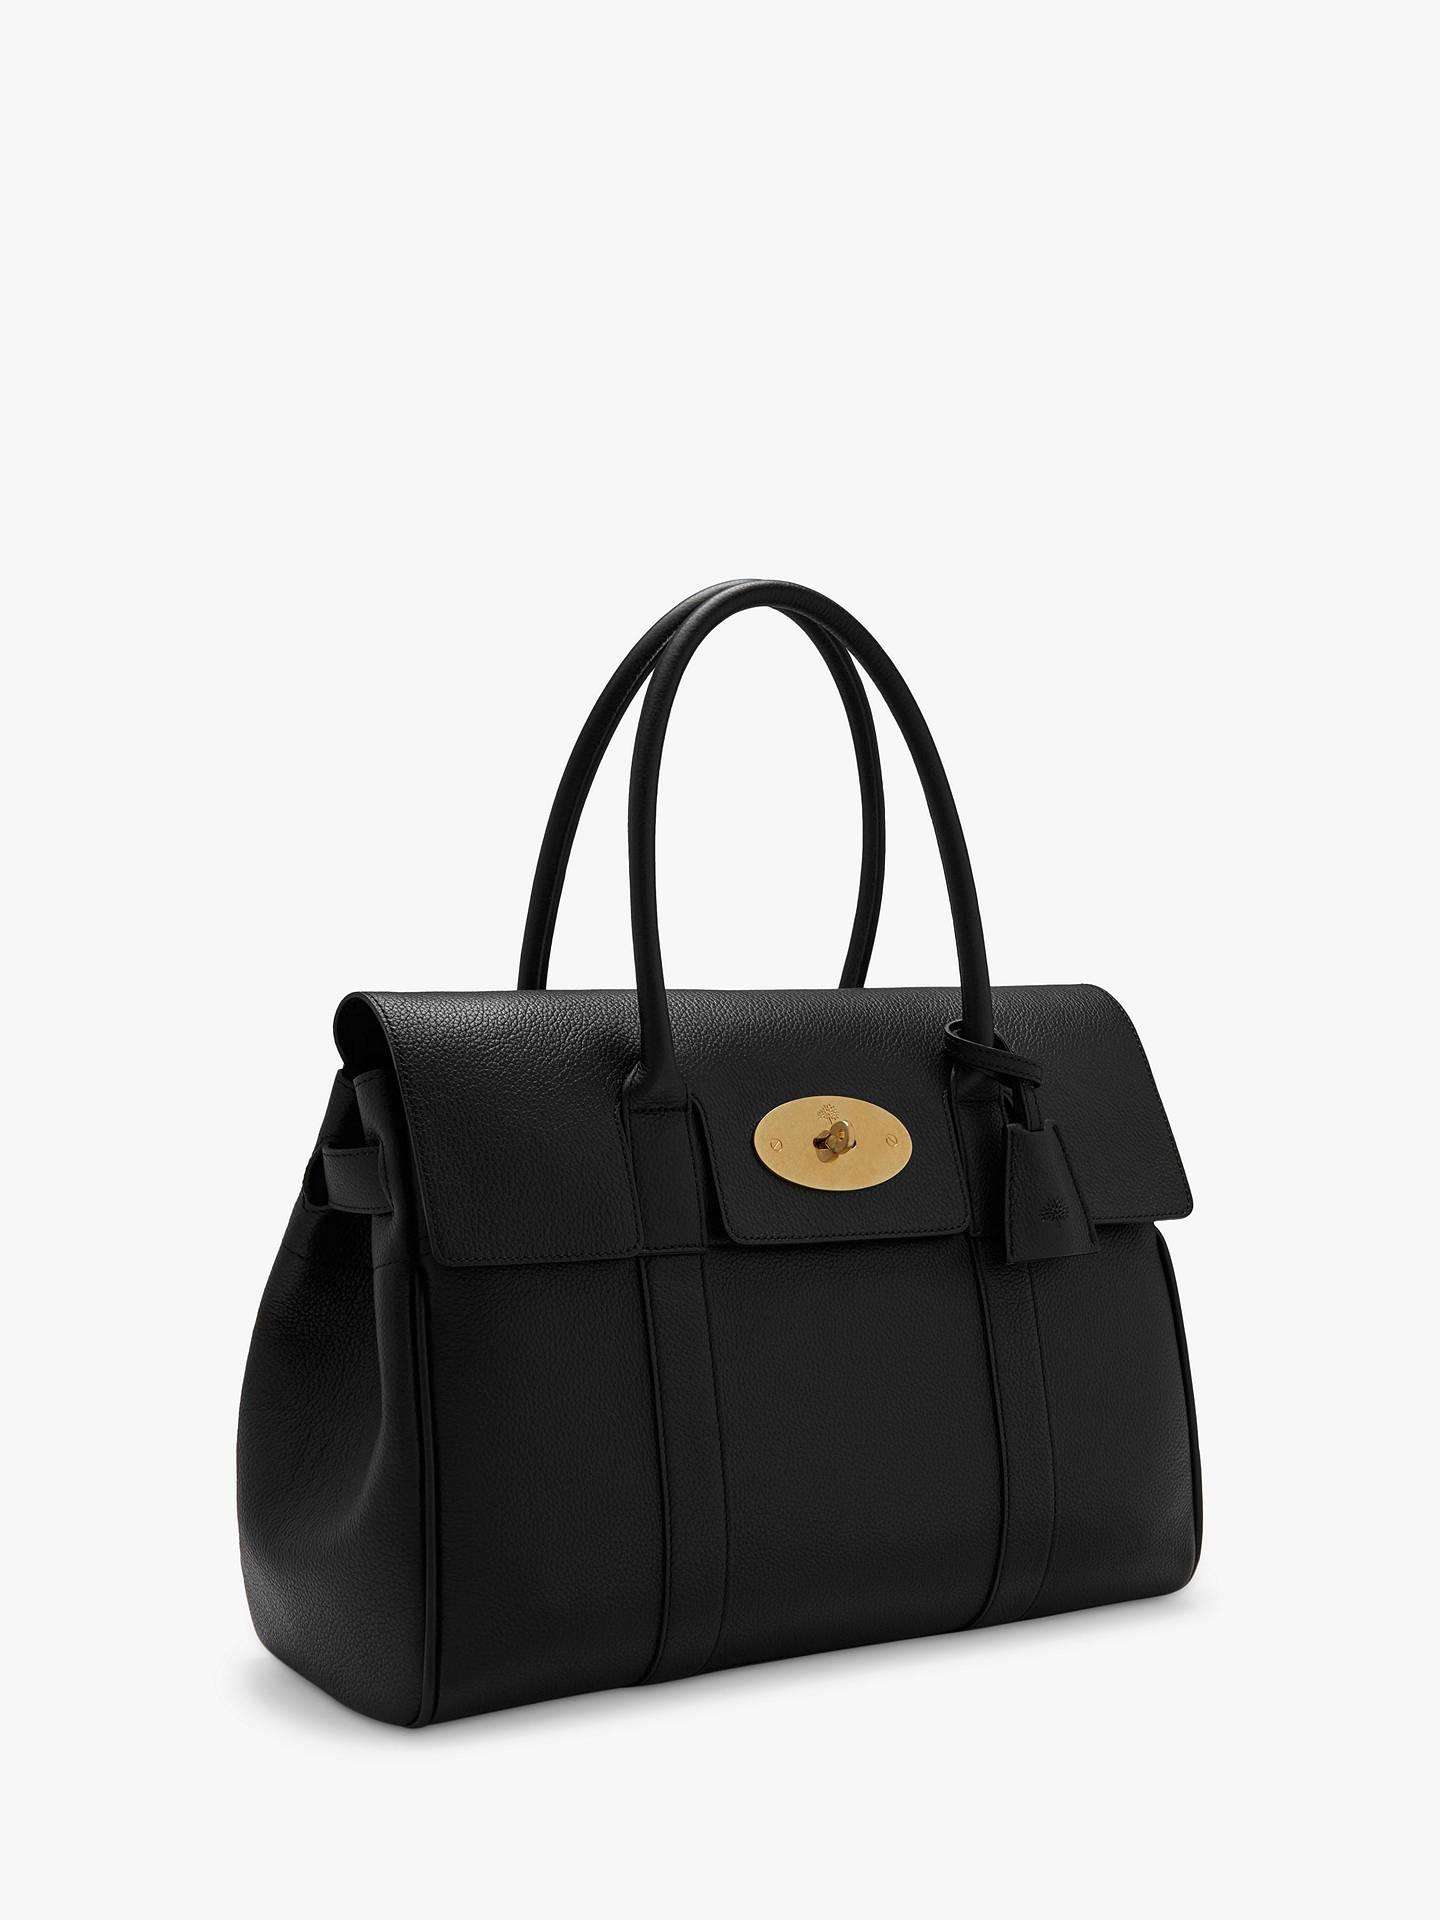 e69e35e6ca ... Buy Mulberry Bayswater Heritage Small Classic Grain Leather Handbag